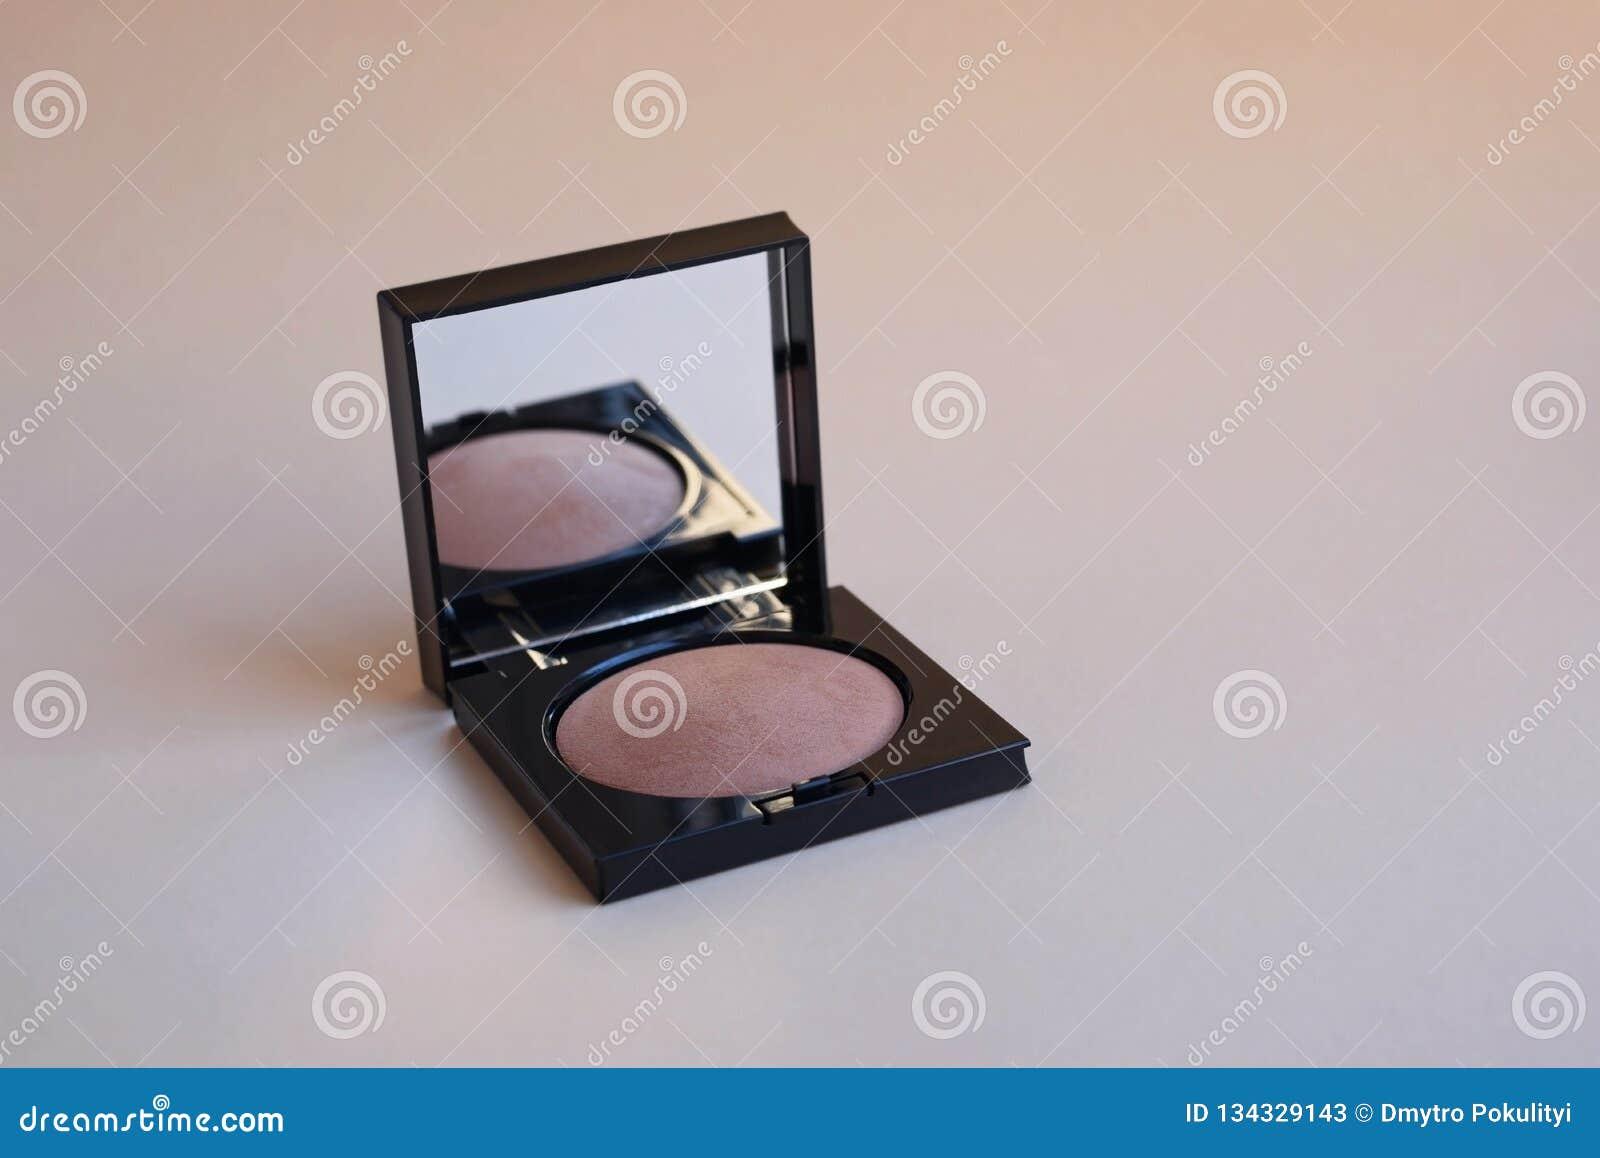 Kosmetisch poeder in compacte zwarte doos